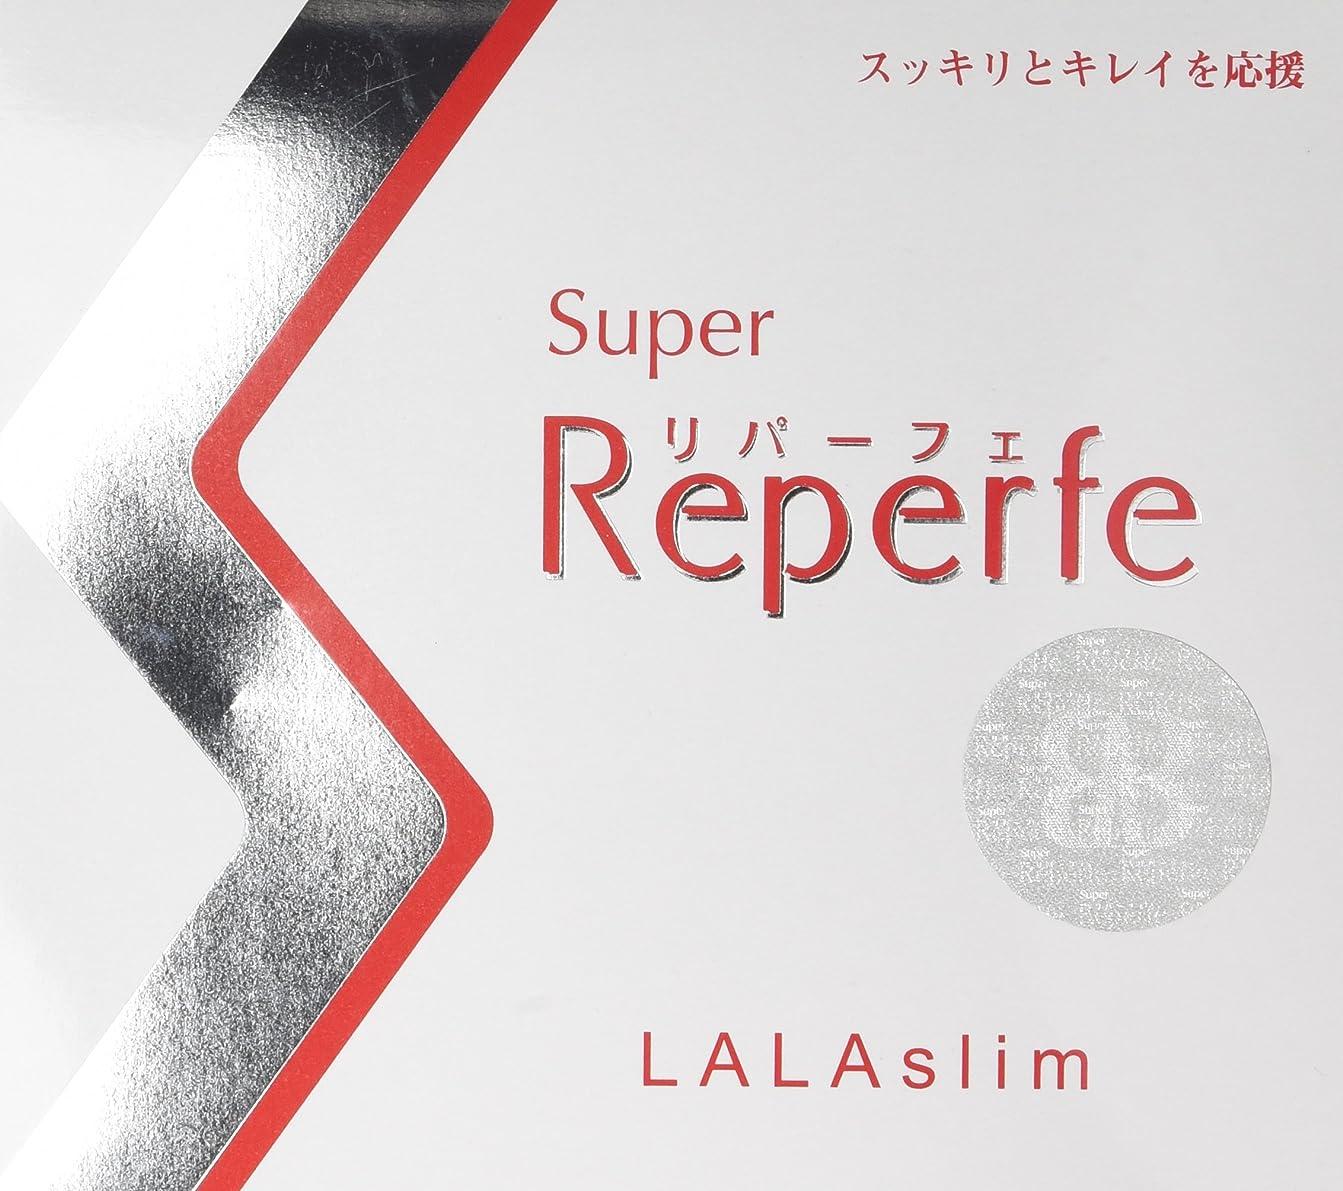 遅らせるスマッシュ説得スーパーリパーフェ ララスリム 錠剤タイプ